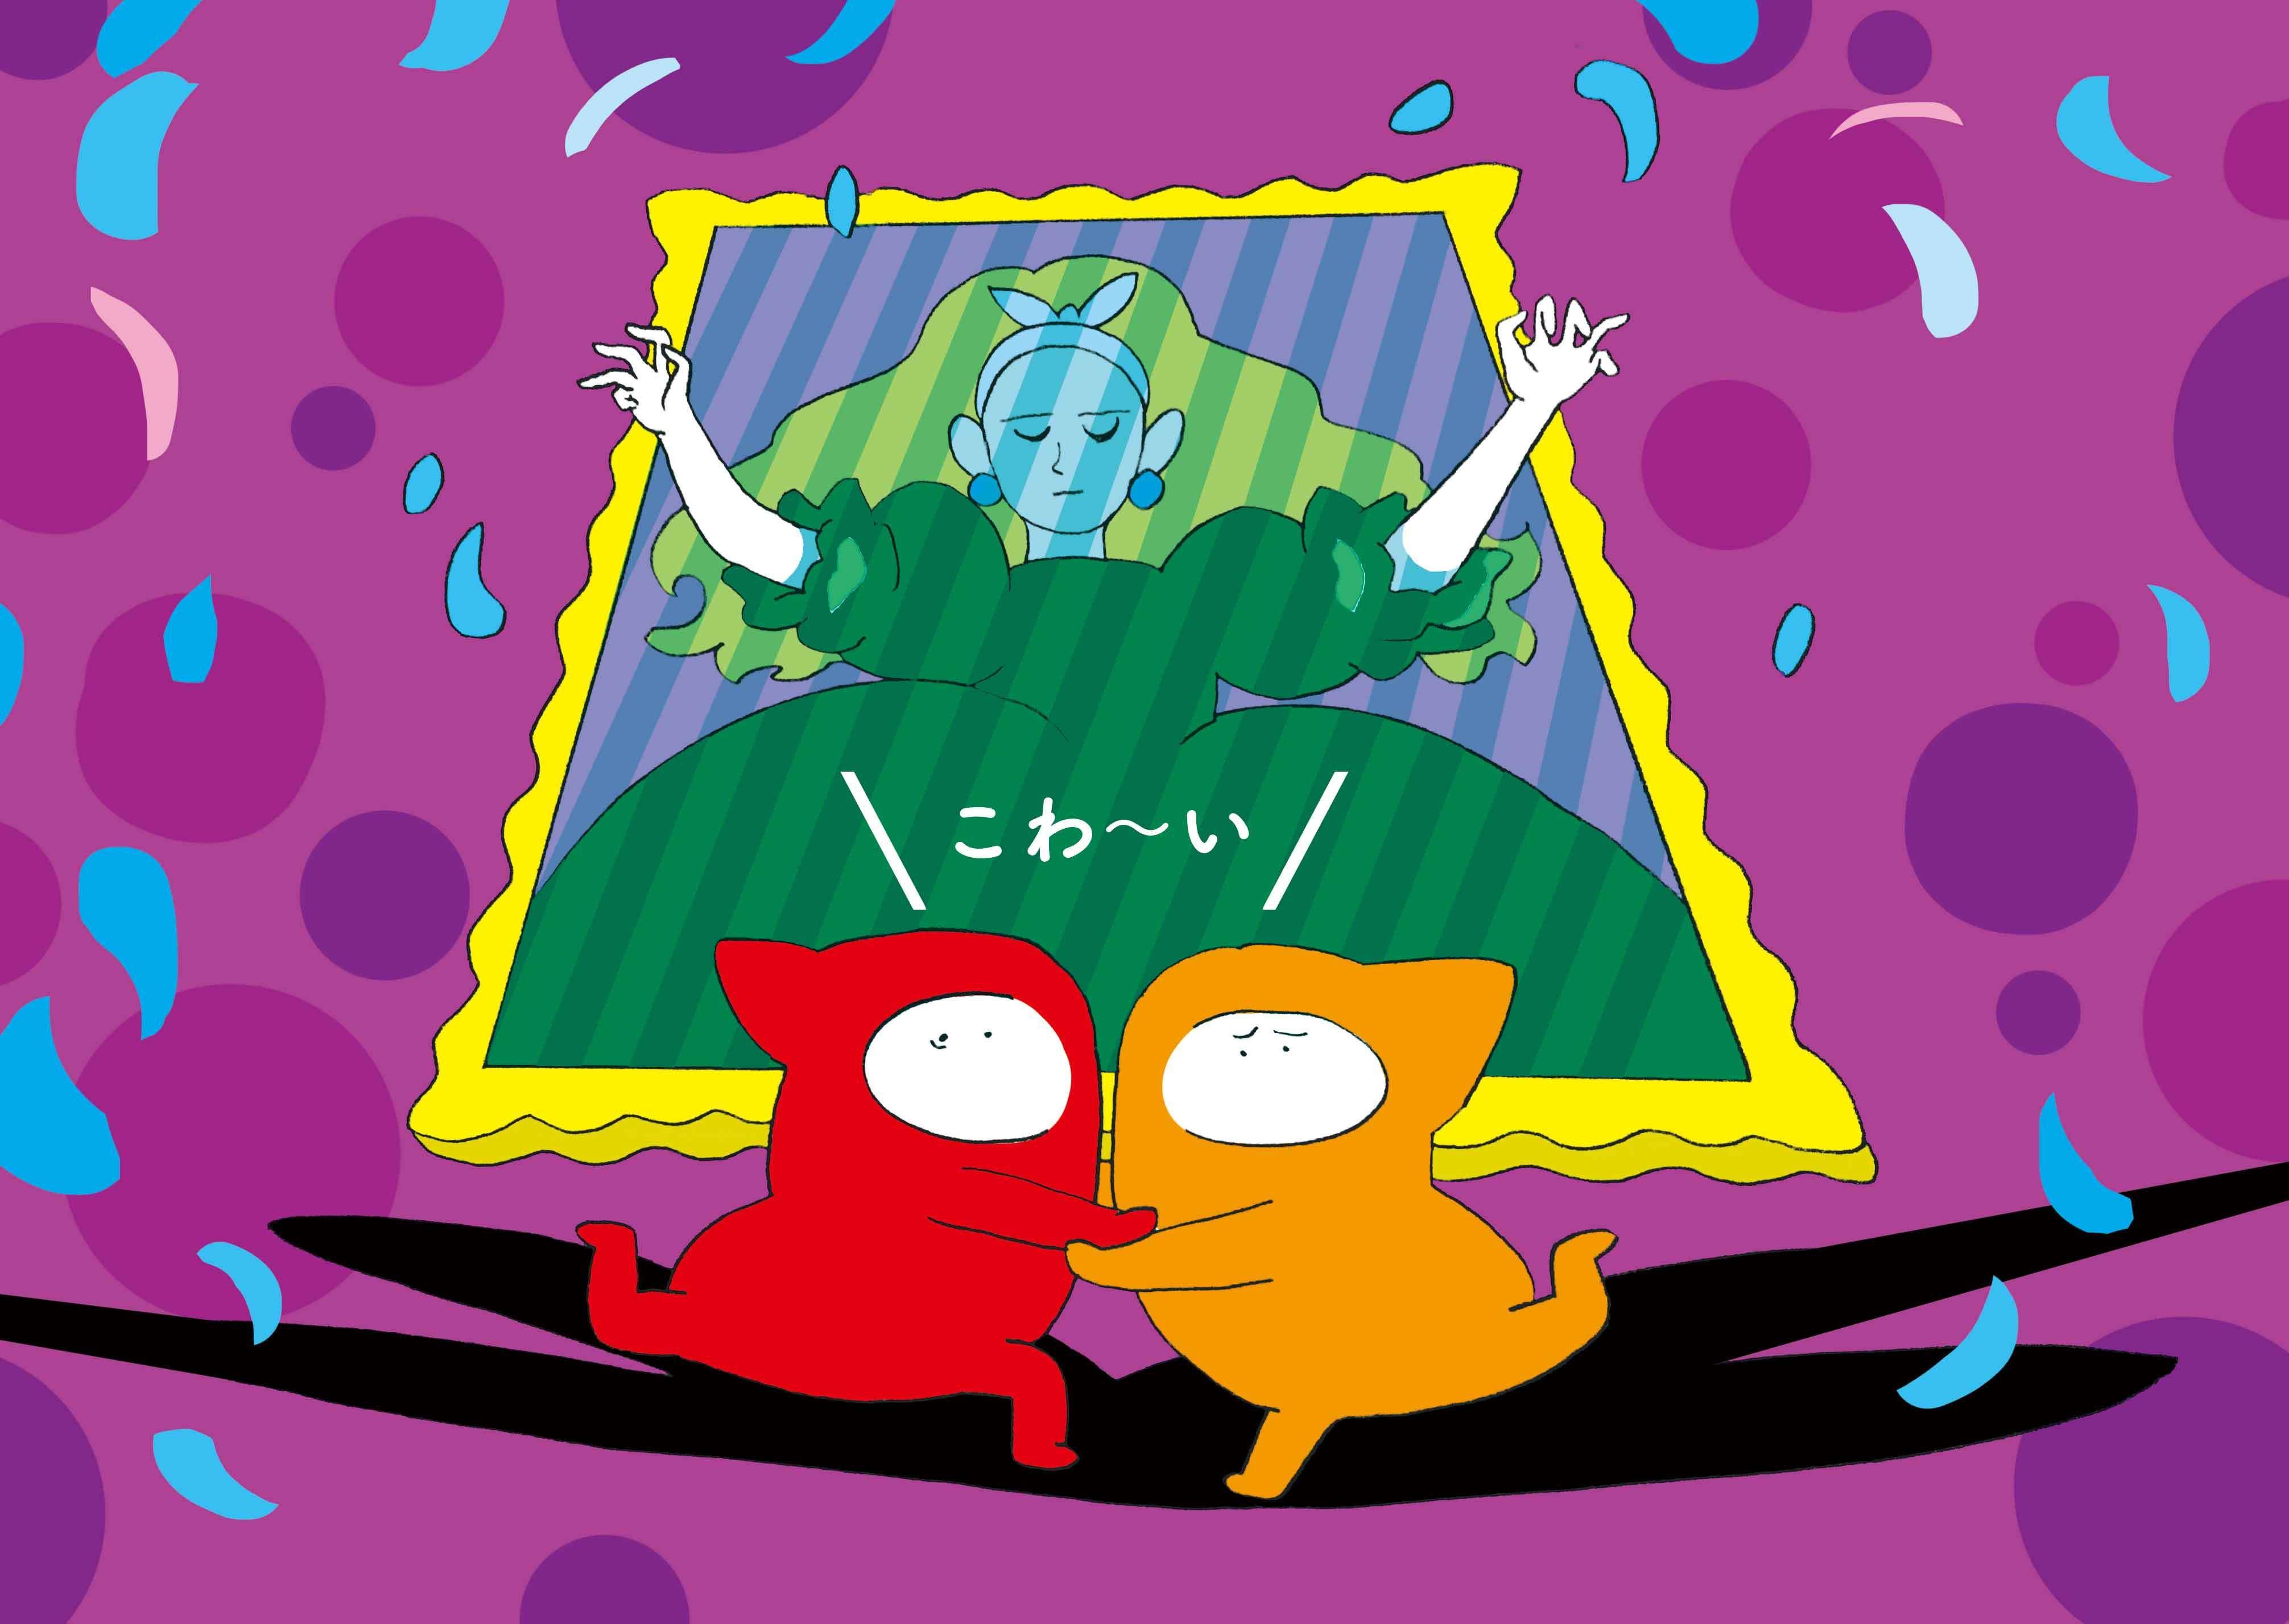 《忍者とおばけ美術館》(C)INOUE Ryo 2018